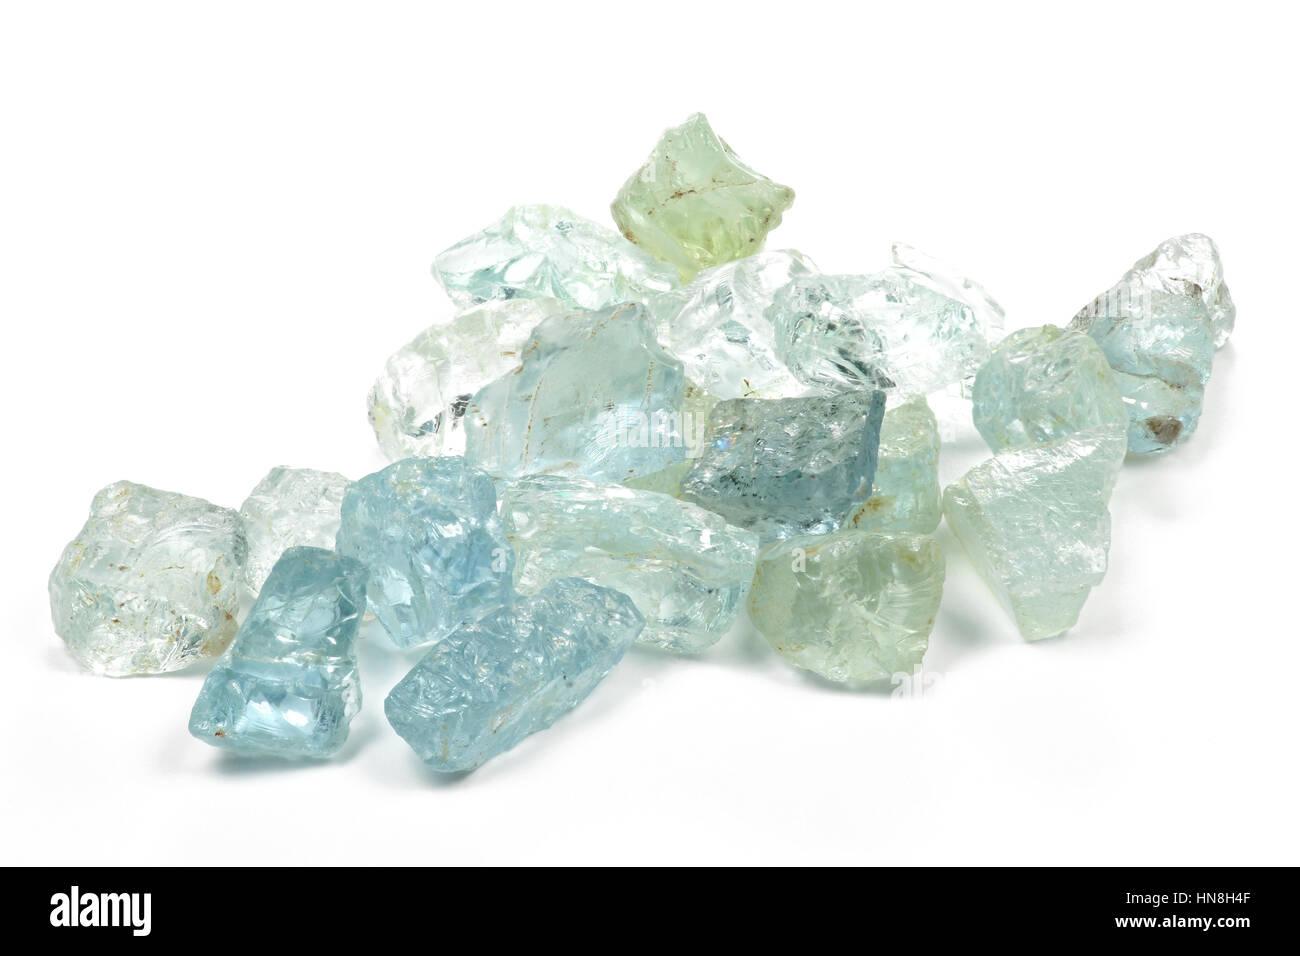 aquamarine crystals isolated on white background - Stock Image